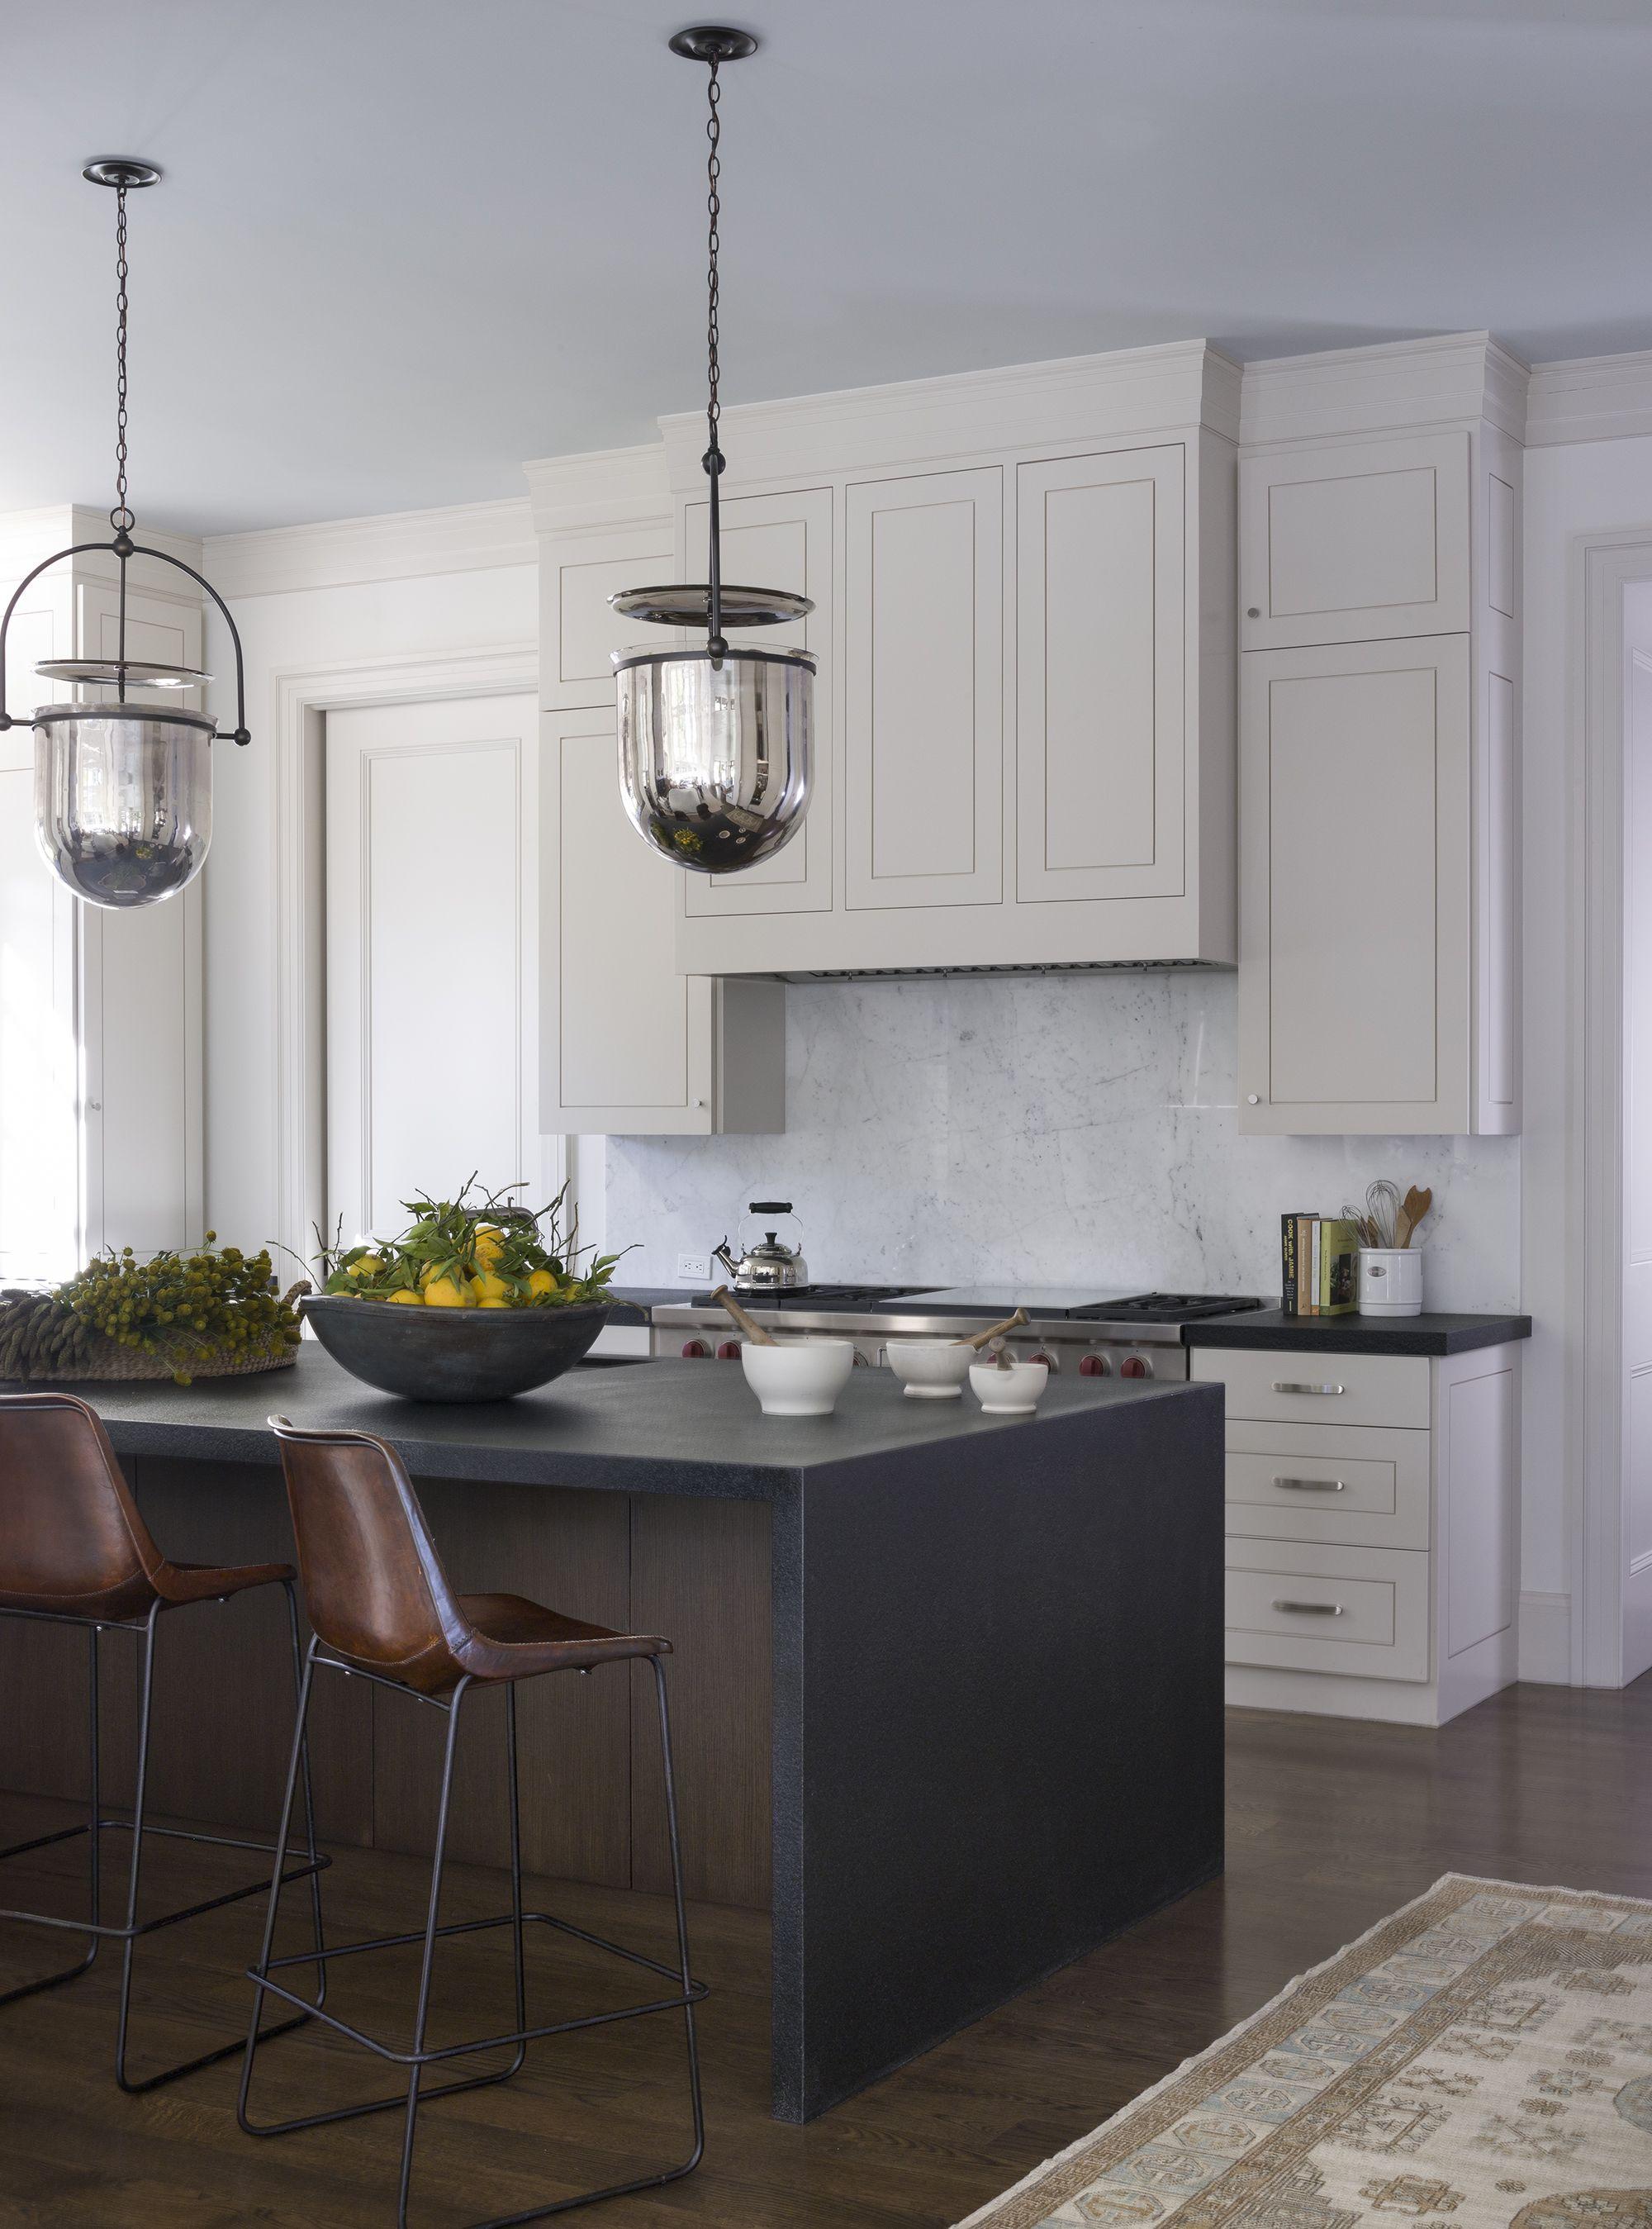 20 Polished Kitchens With Striking Black Kitchen Islands Dark Kitchen Island Trend